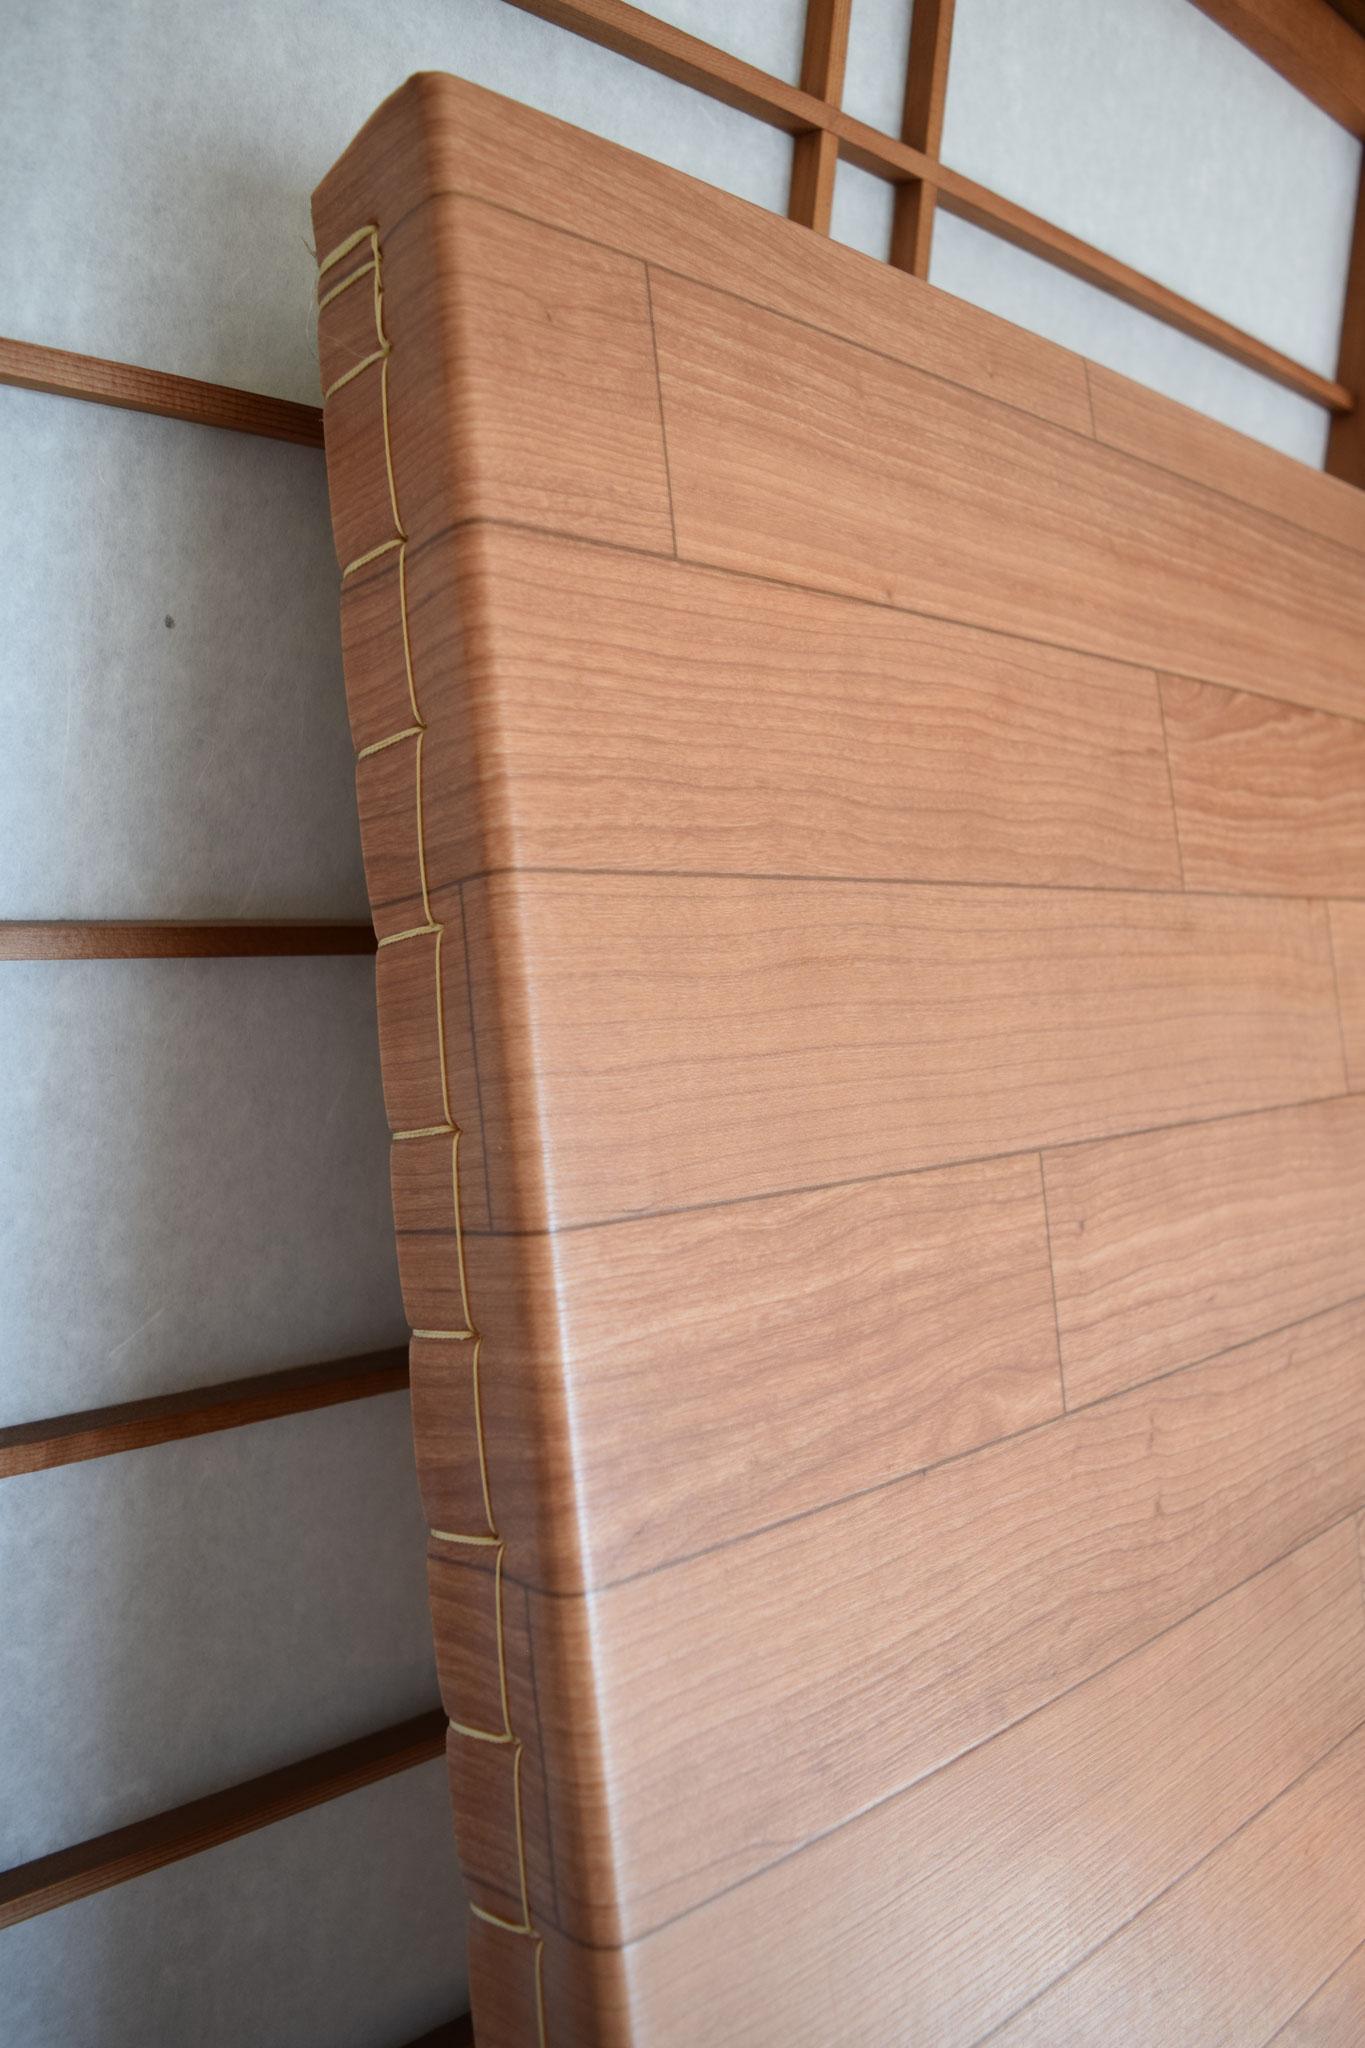 側面は畳表と同様にクッションフロアシートを畳床に縫い付けています。